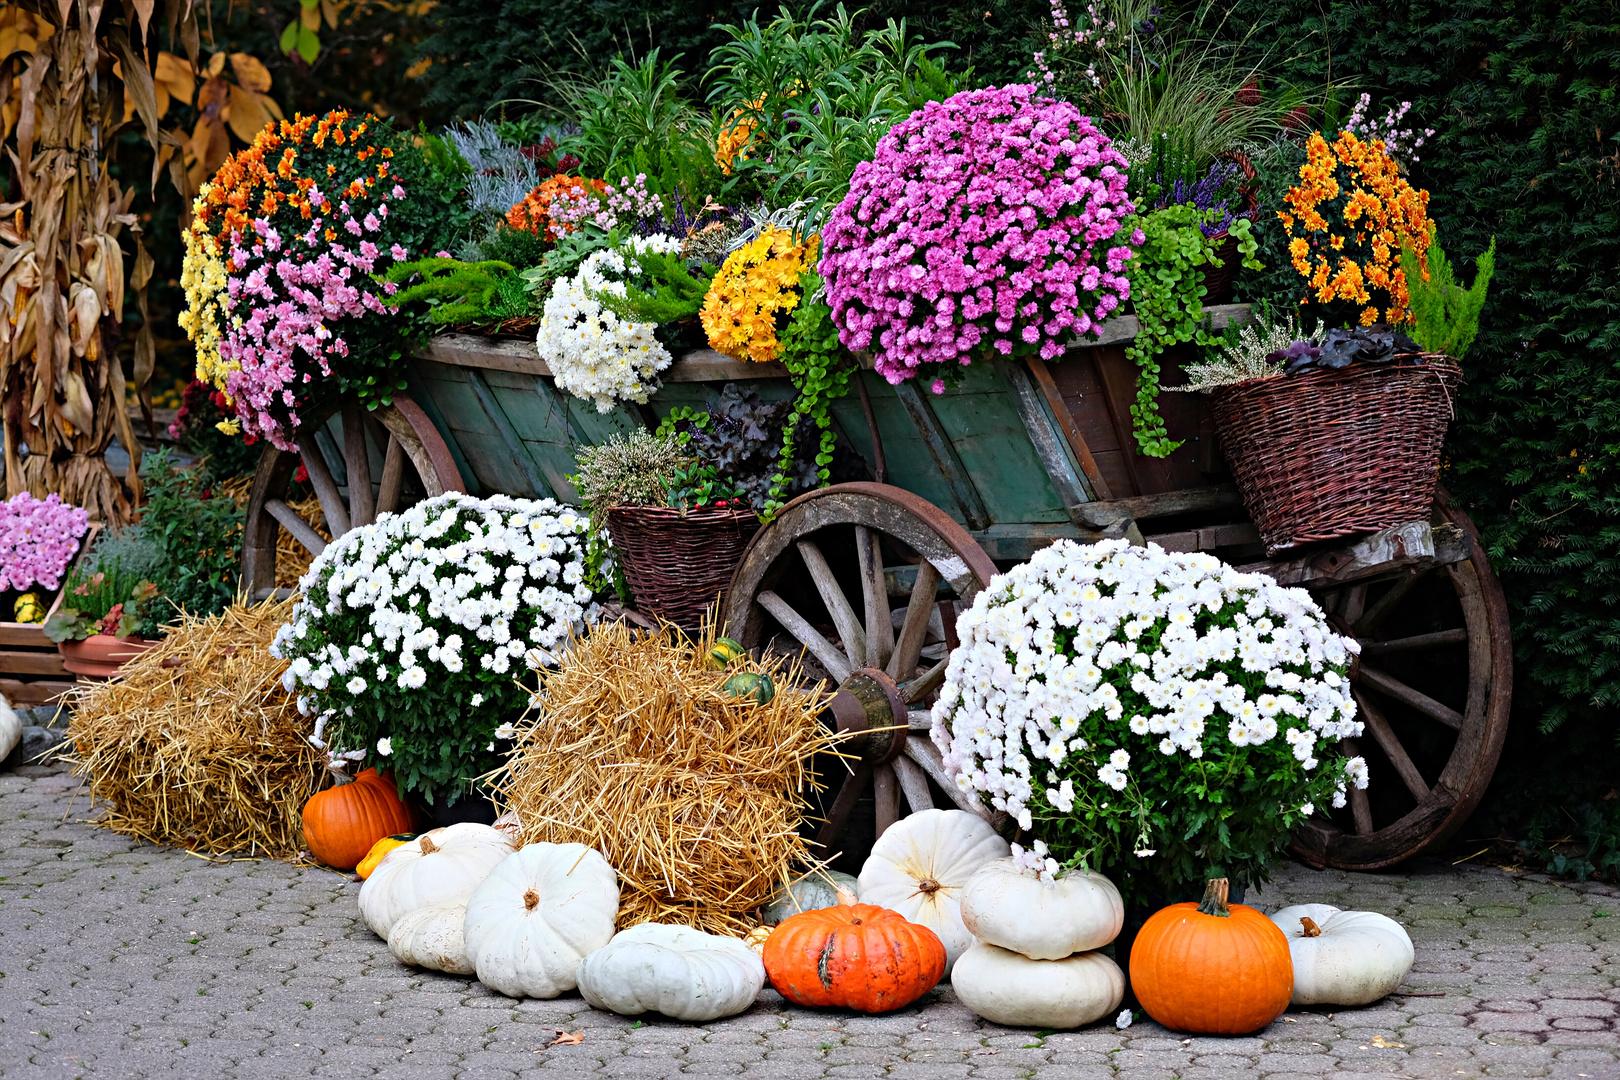 Herbstdeko foto bild jahreszeiten herbst natur for Bilder herbstdeko